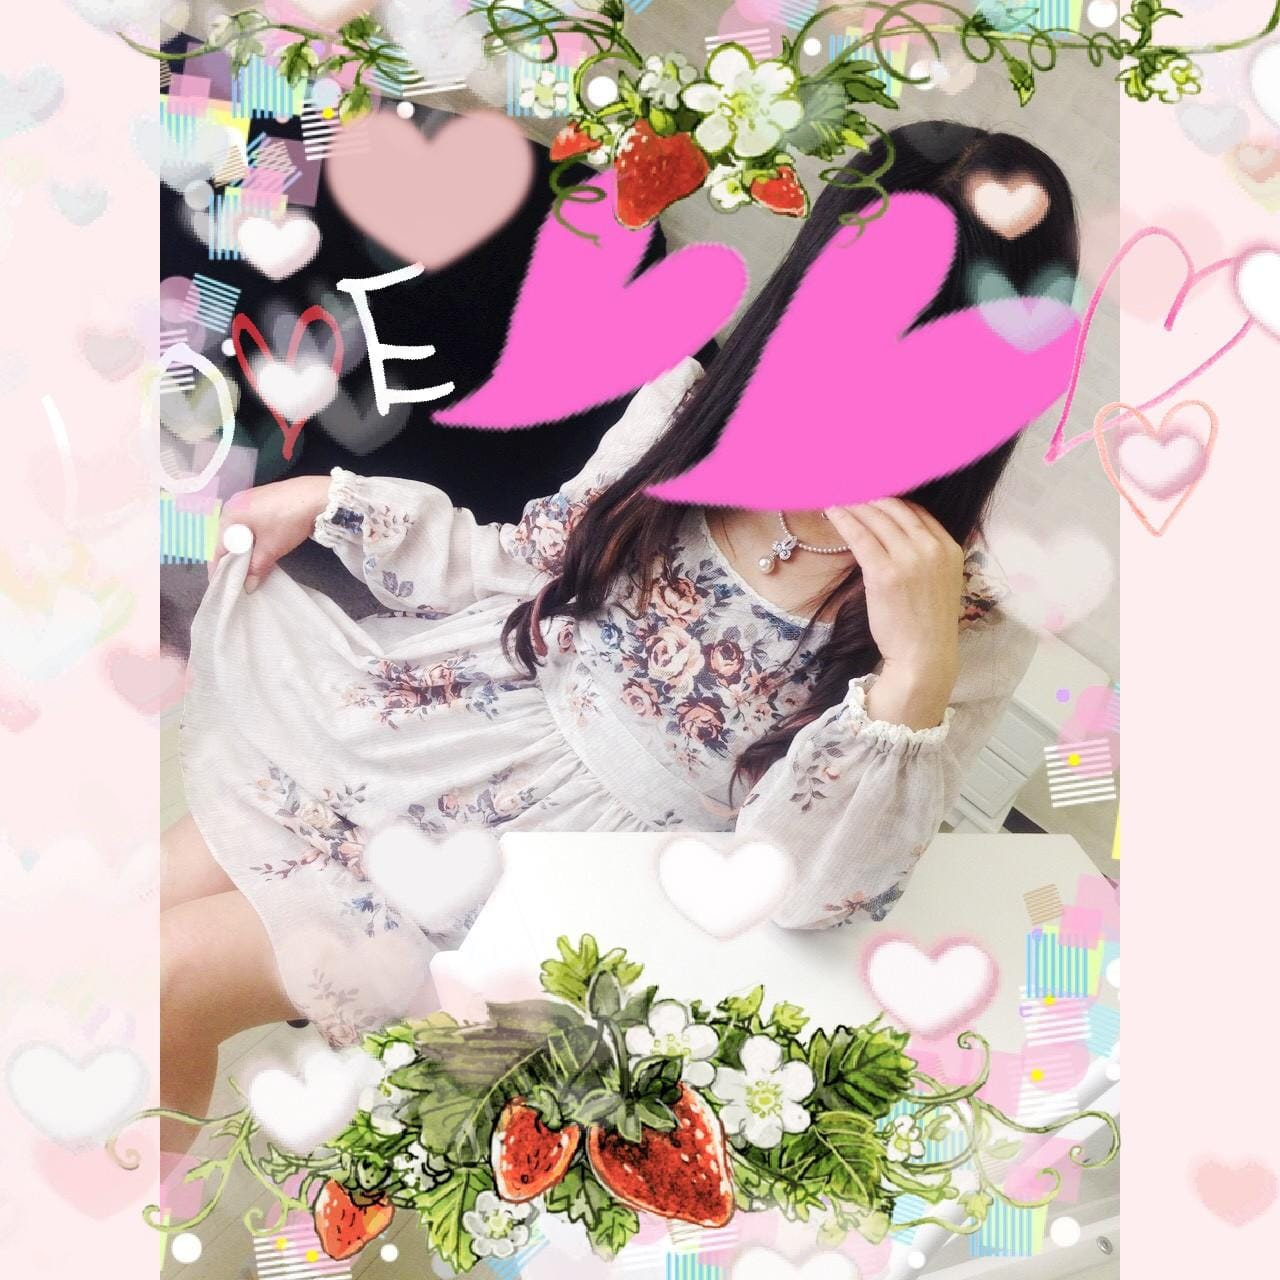 「☆昨日お逢いしたマサ様☆」12/08(12/08) 10:59 | 心寧(ここね)の写メ・風俗動画